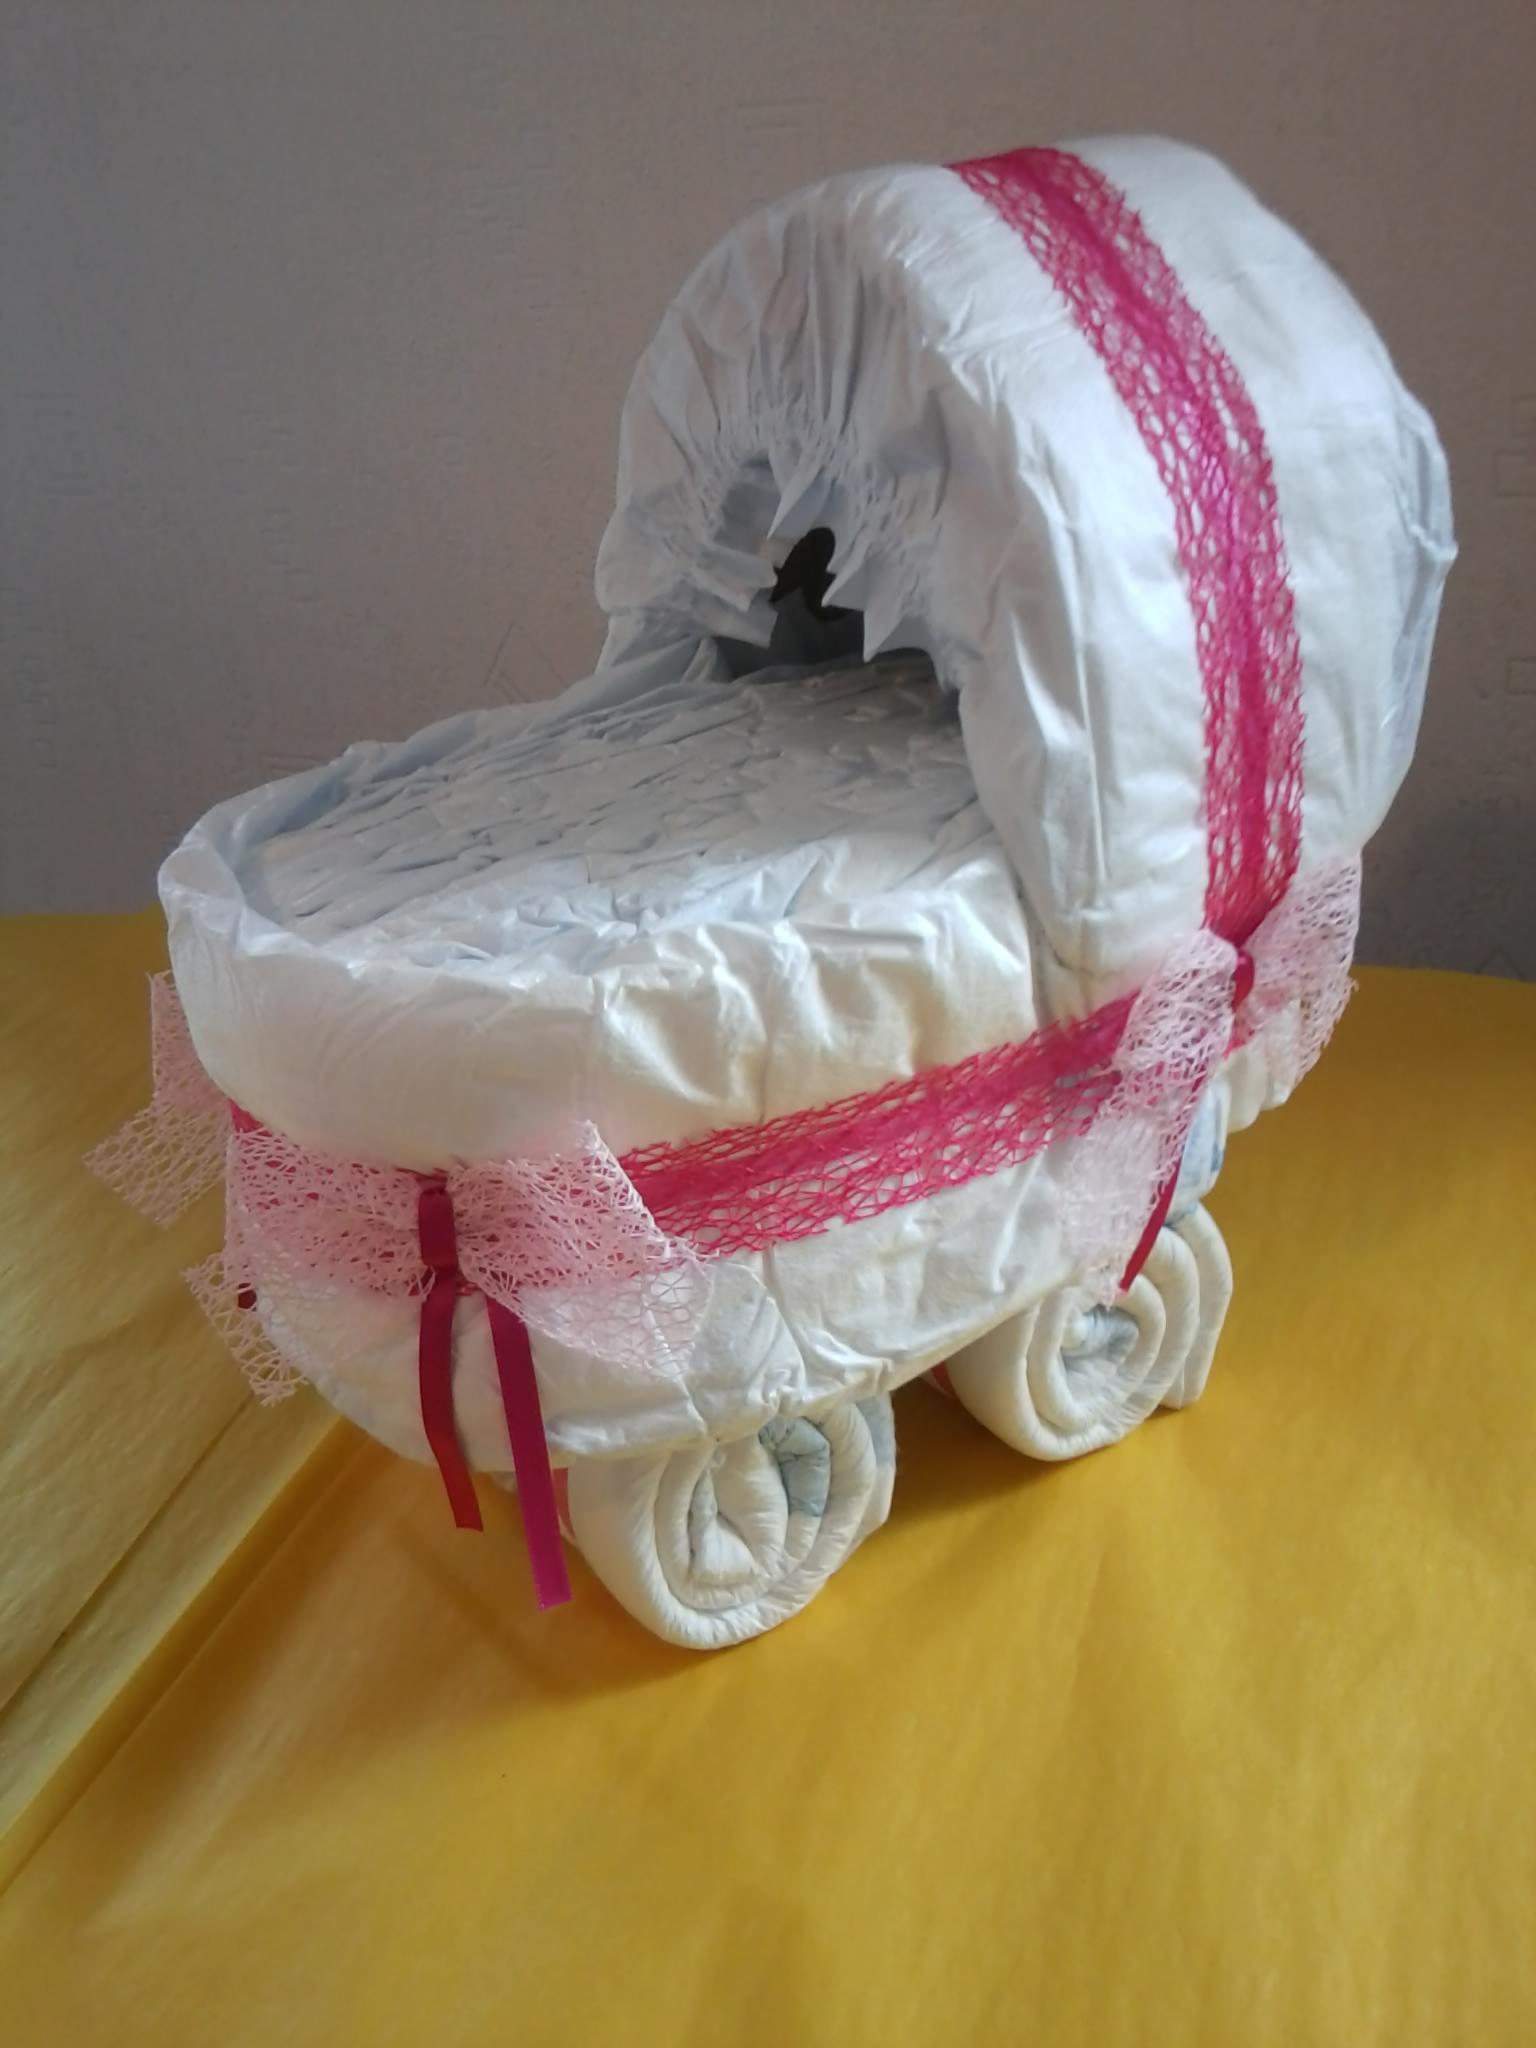 Toutacroquer landau en couches pour petite fille - Gateau de couches garcon comment faire ...